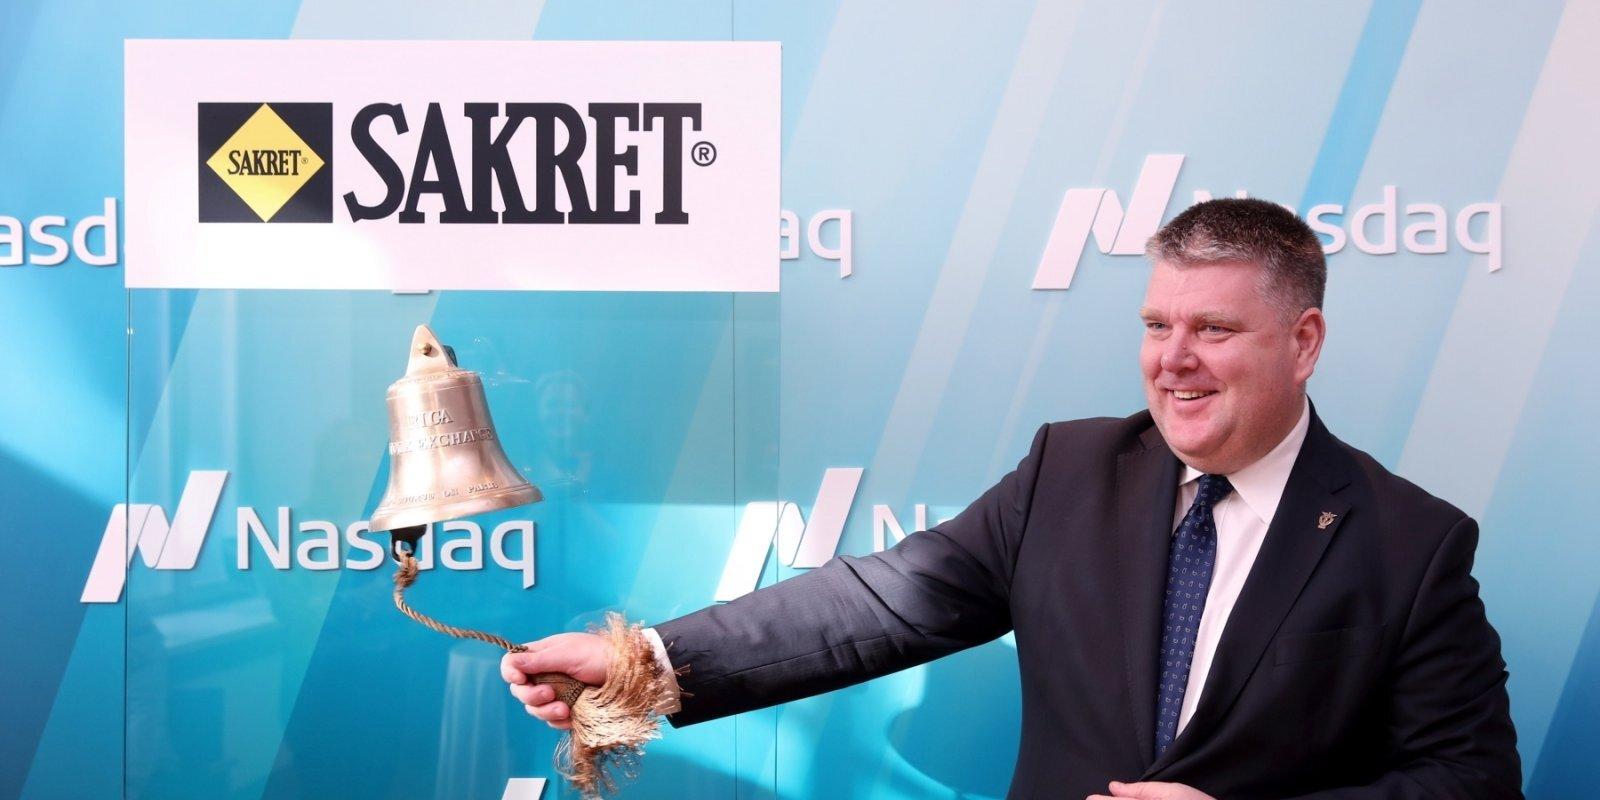 Personība biznesā: 'Sakret Holdings' padomes priekšsēdētājs Andris Vanags